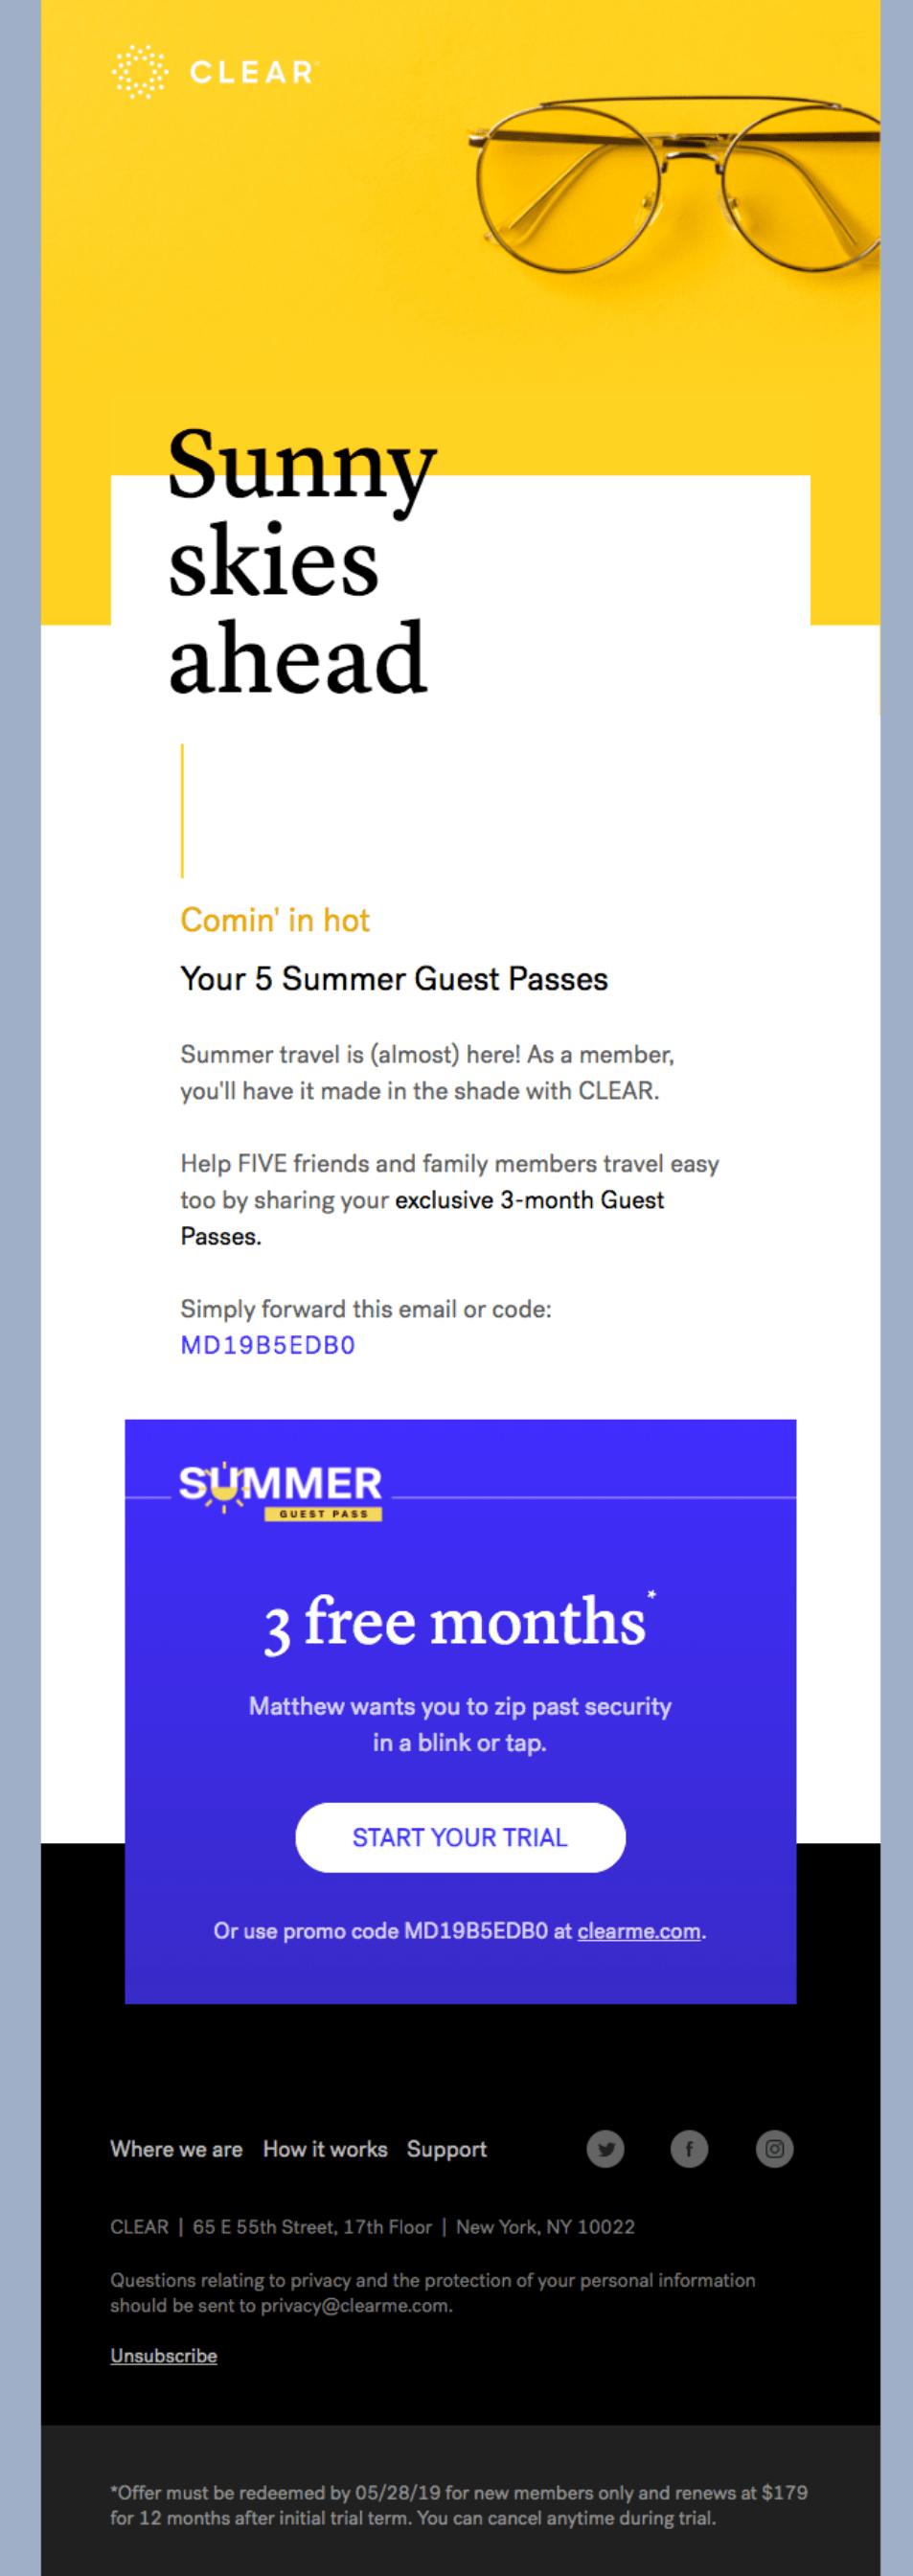 Le newsletter che invii devono essere piacevoli